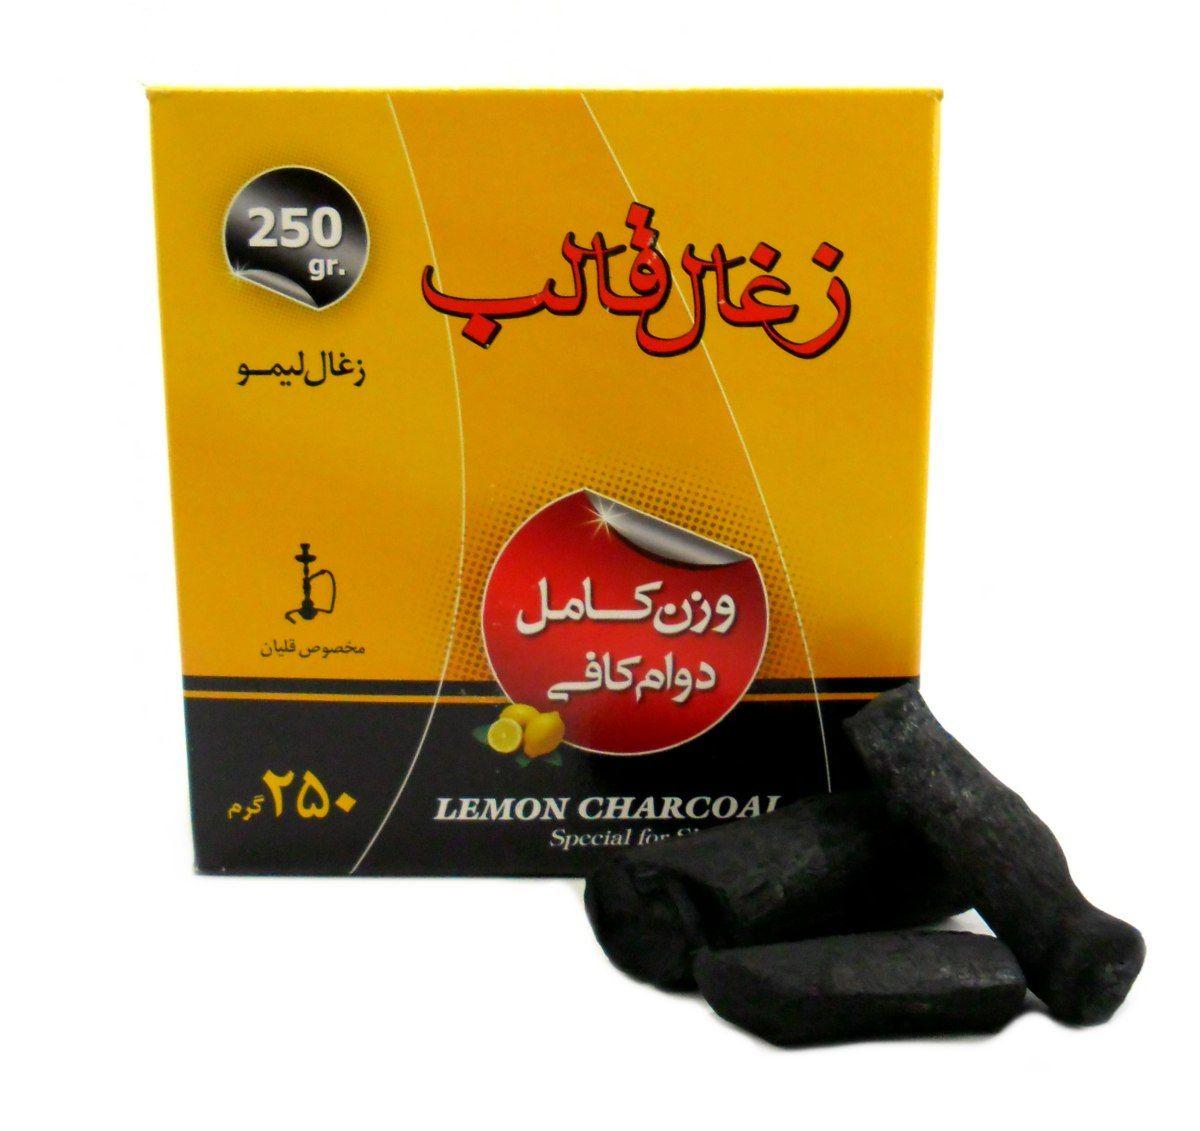 Carvão de Limão Especial para Narguile. Caixa 250g.